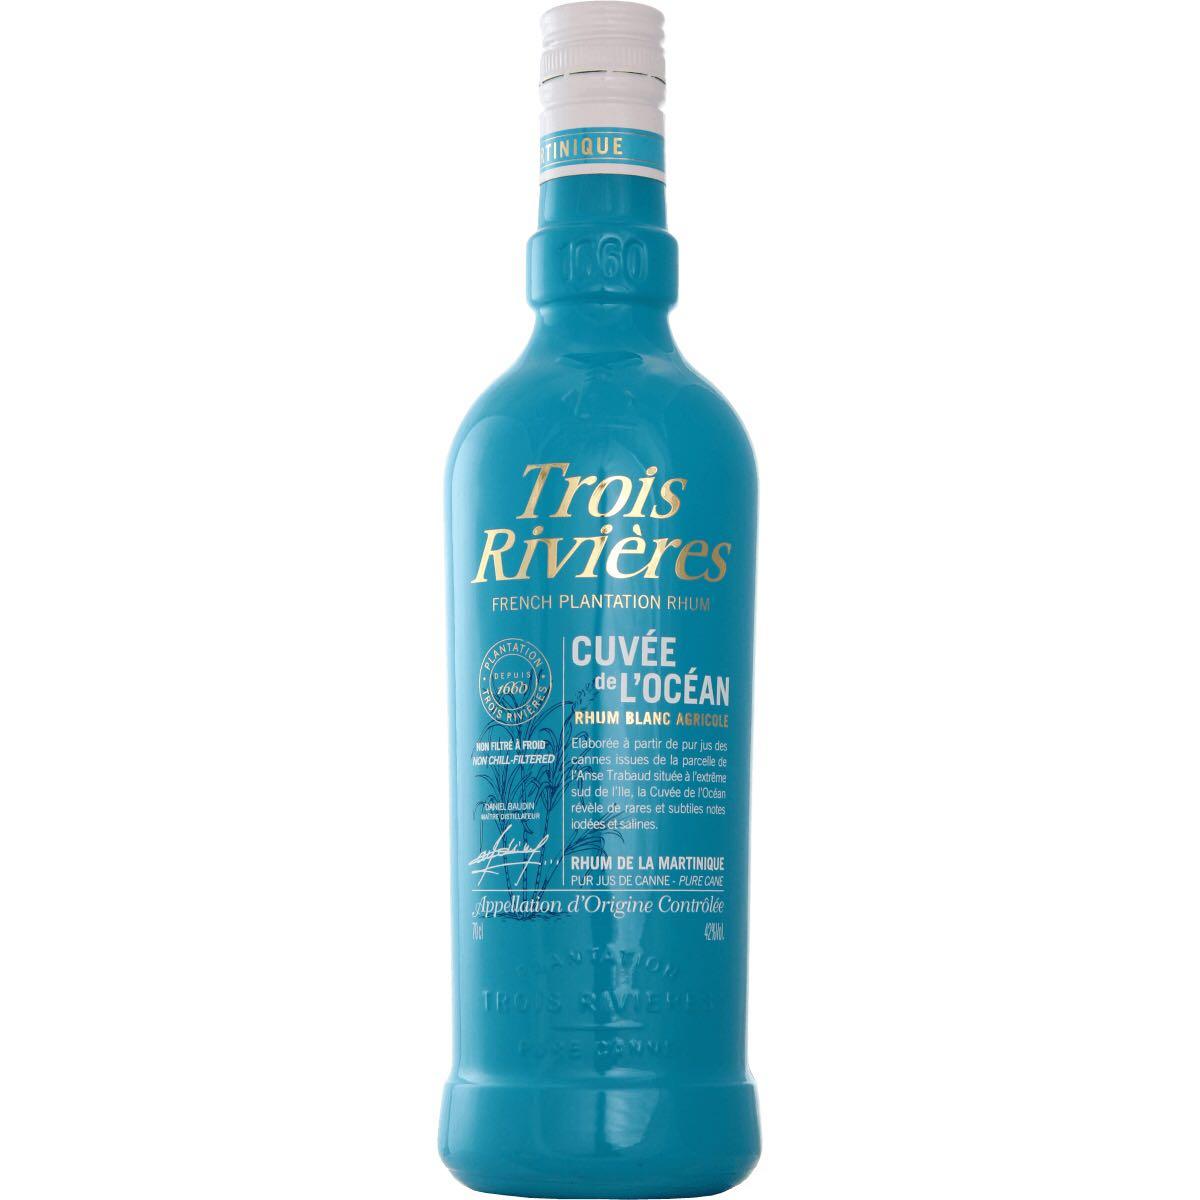 Bottle image of Rhum Cuvée de l'Océan